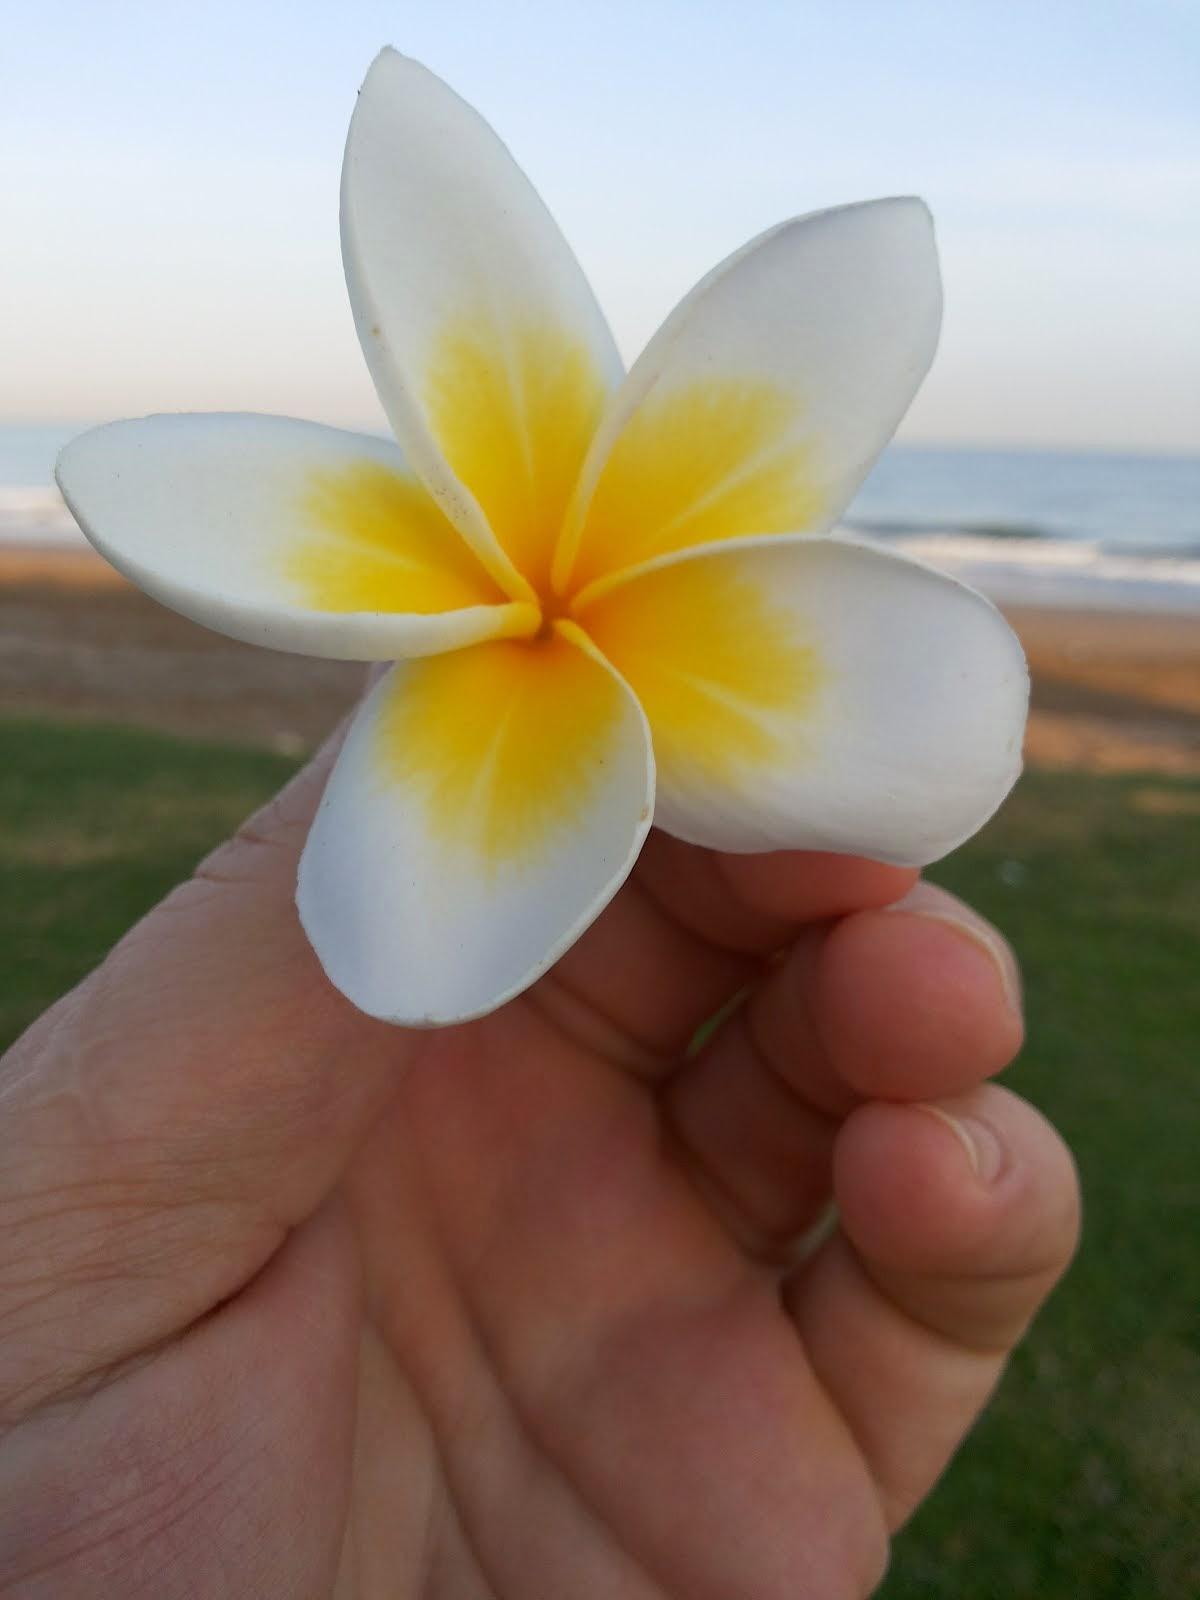 Un fiore nel deserto / A flower in the desert